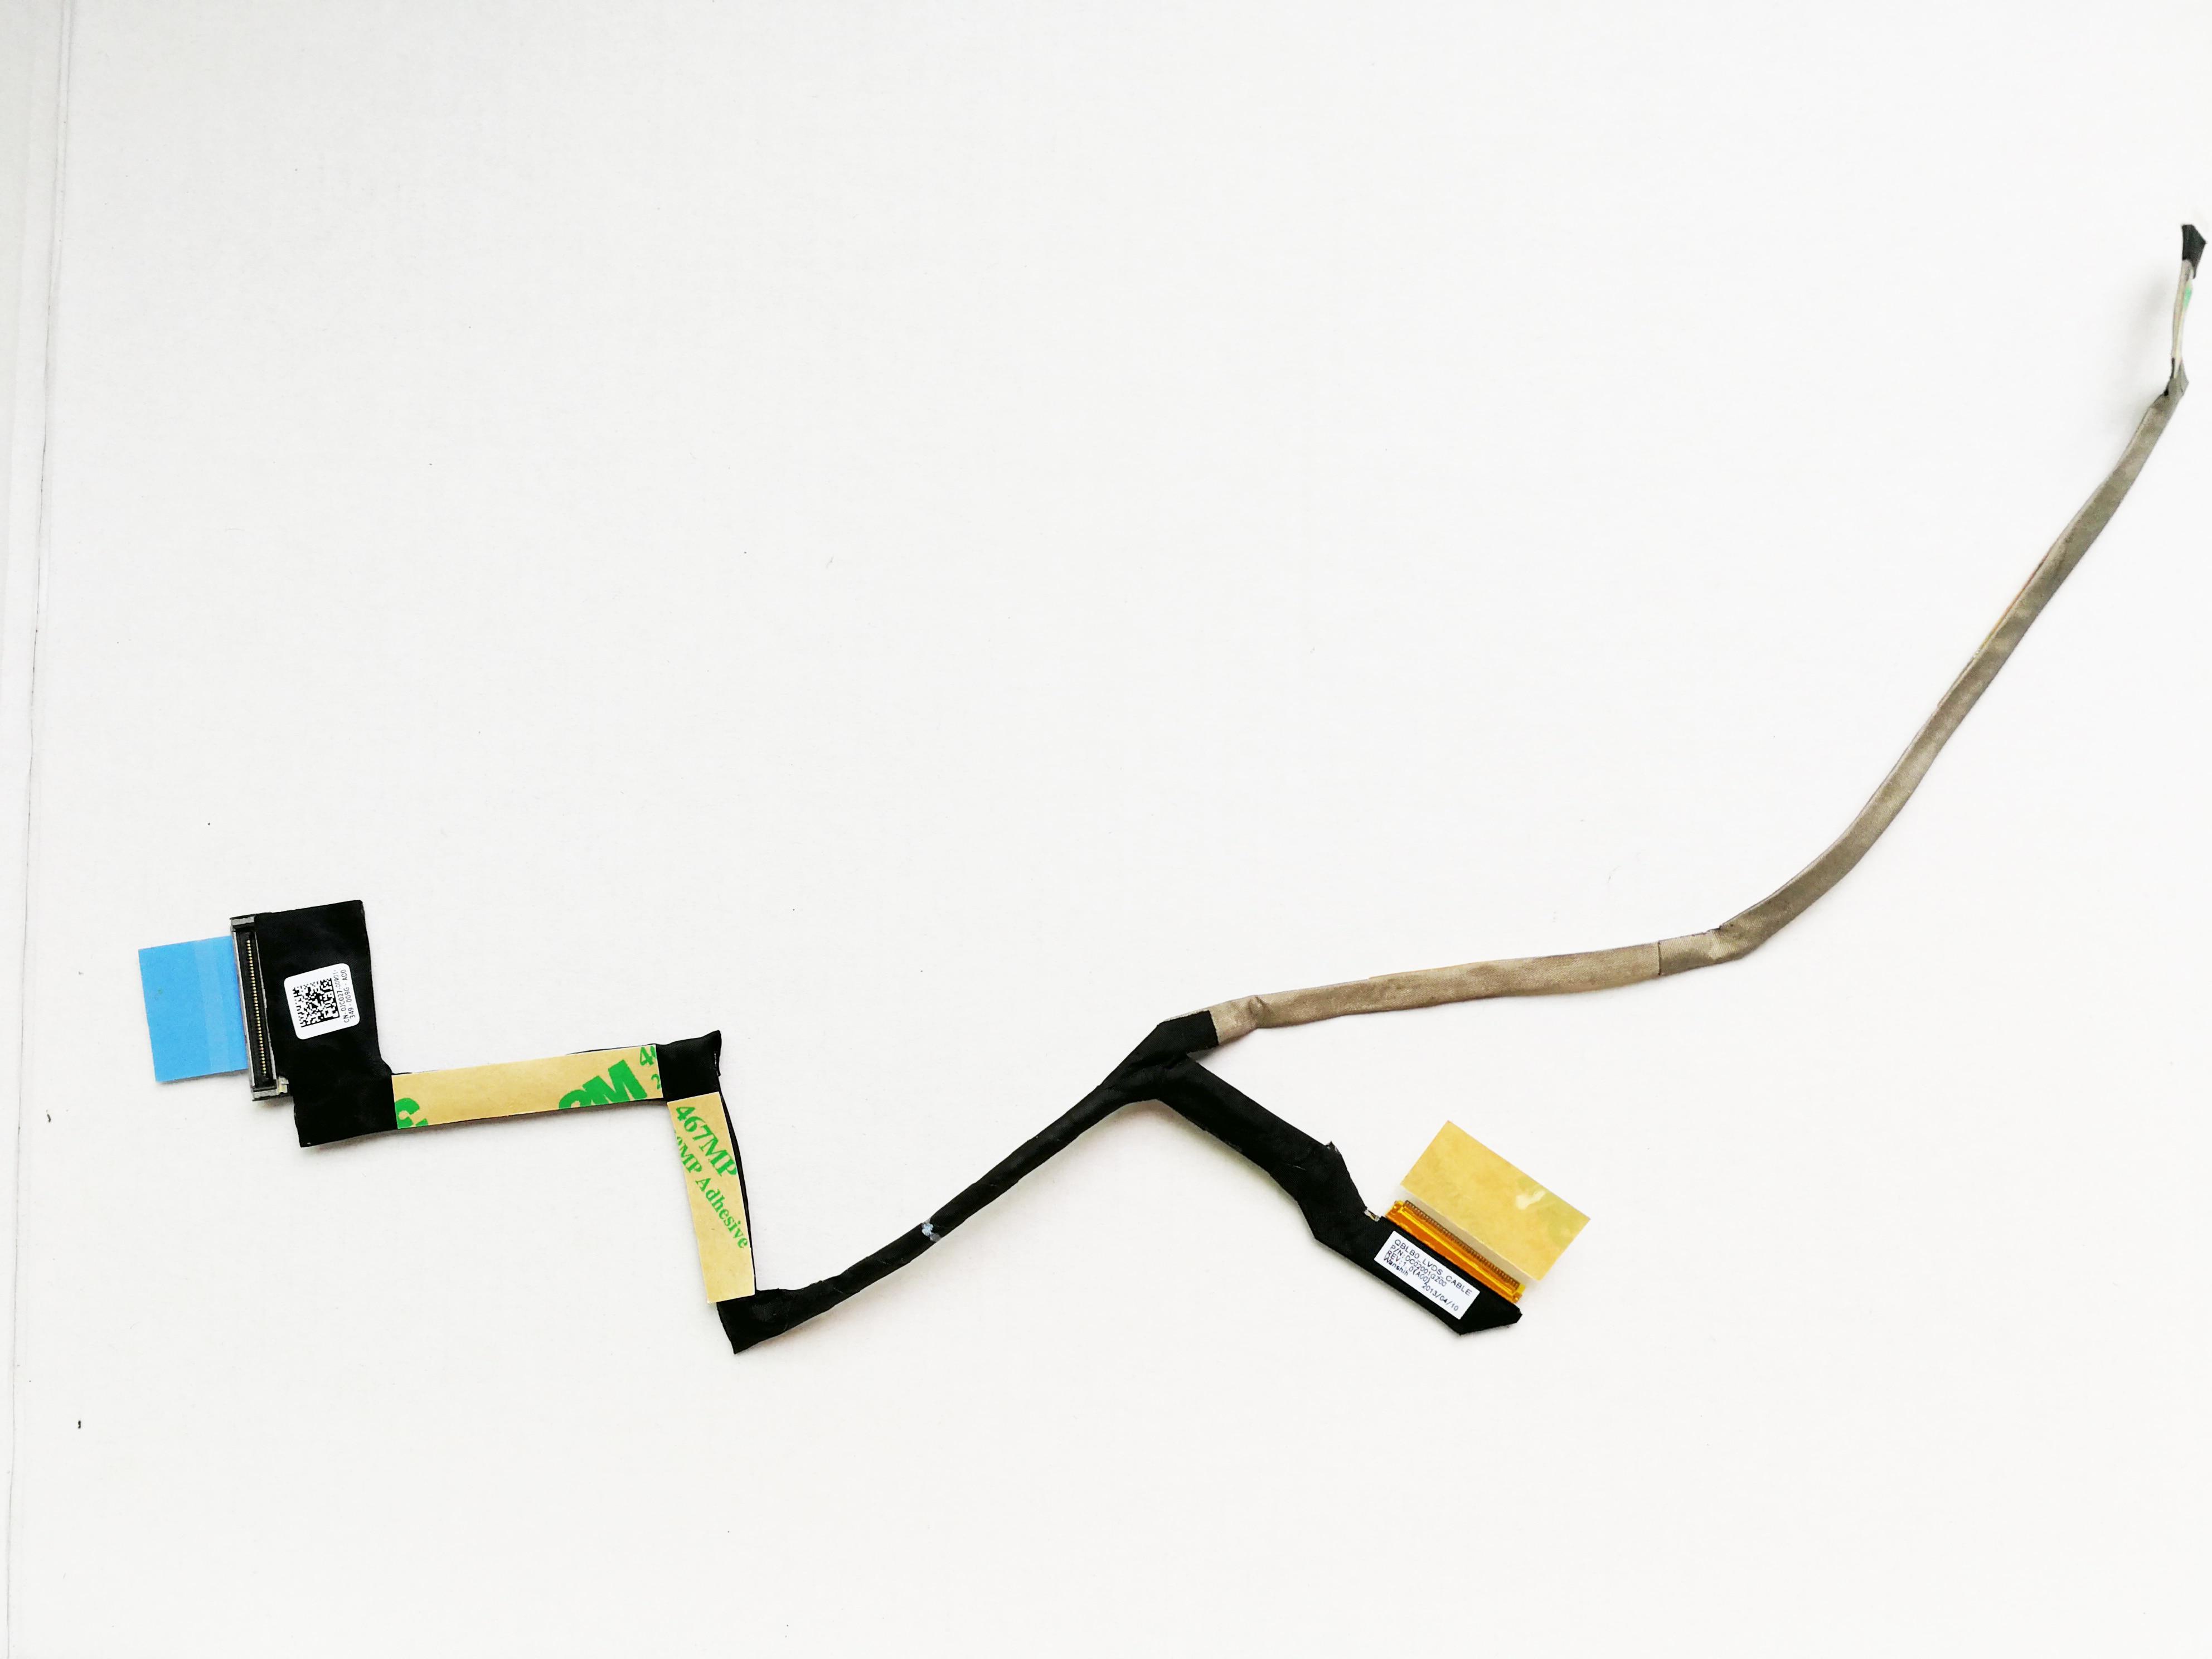 جديد الأصلي لديل من Alienware M14X R2 led lcd lvds كابل JC027 0JC027 cn-0JC027 DC02001GZ00